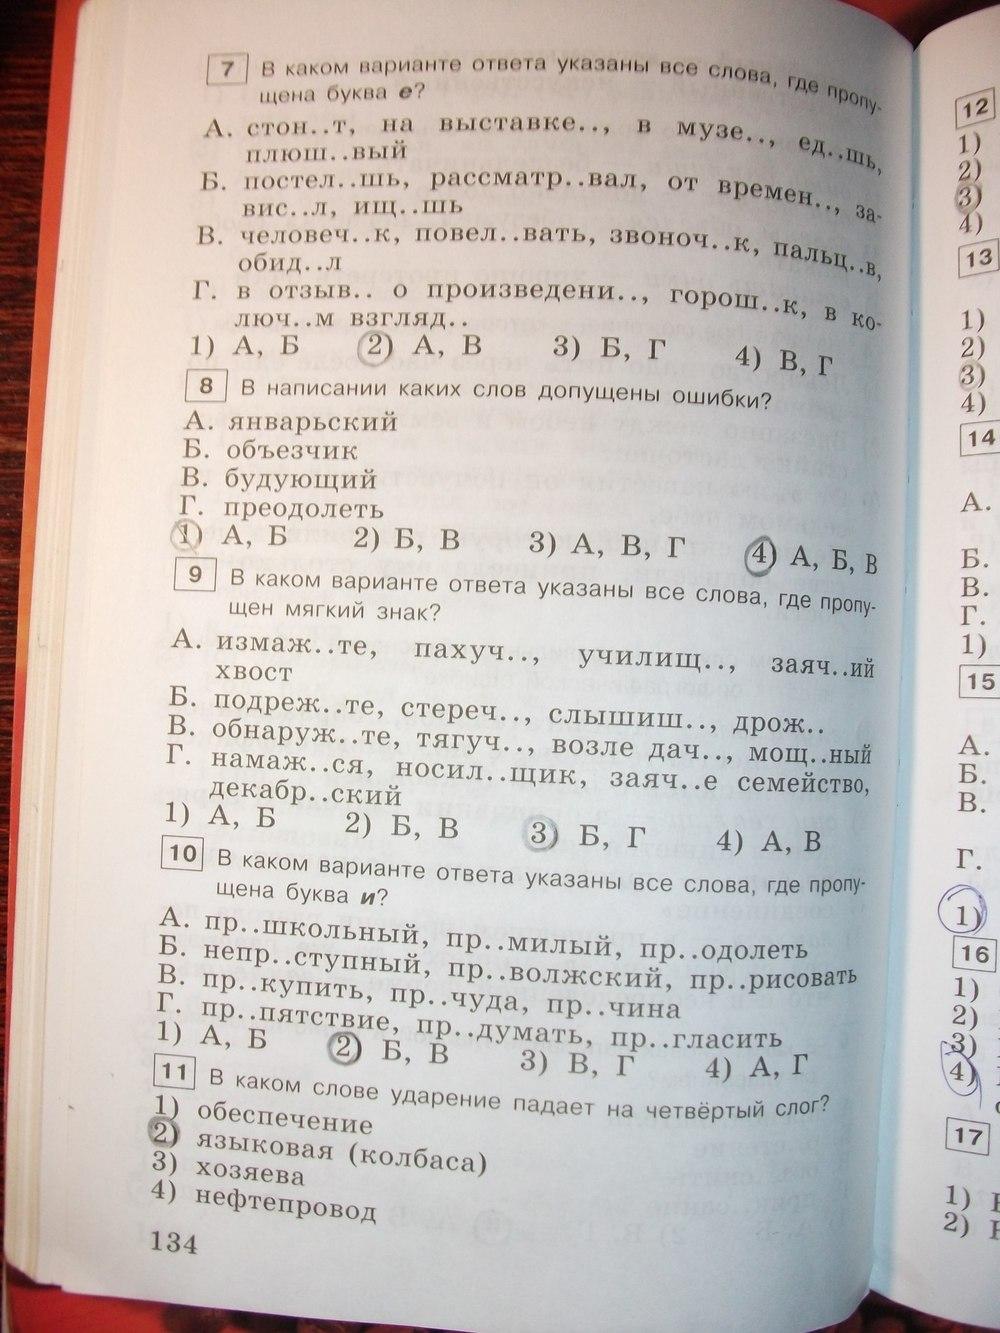 Гдз на тестовые задания по русскому языку 7 класс